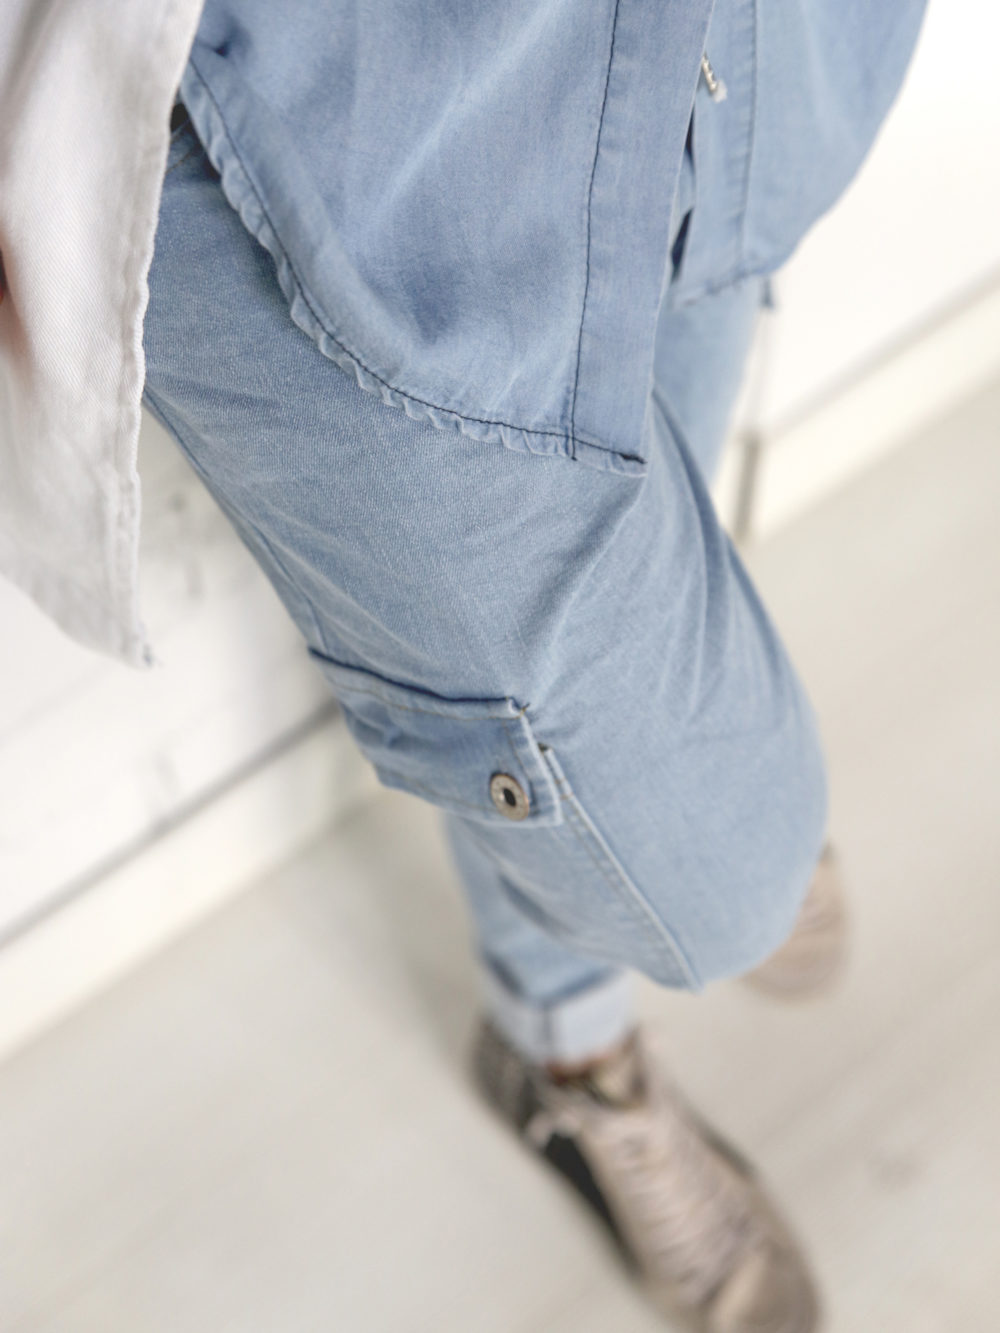 pantalón estilo cargo con bolsillos a los lados